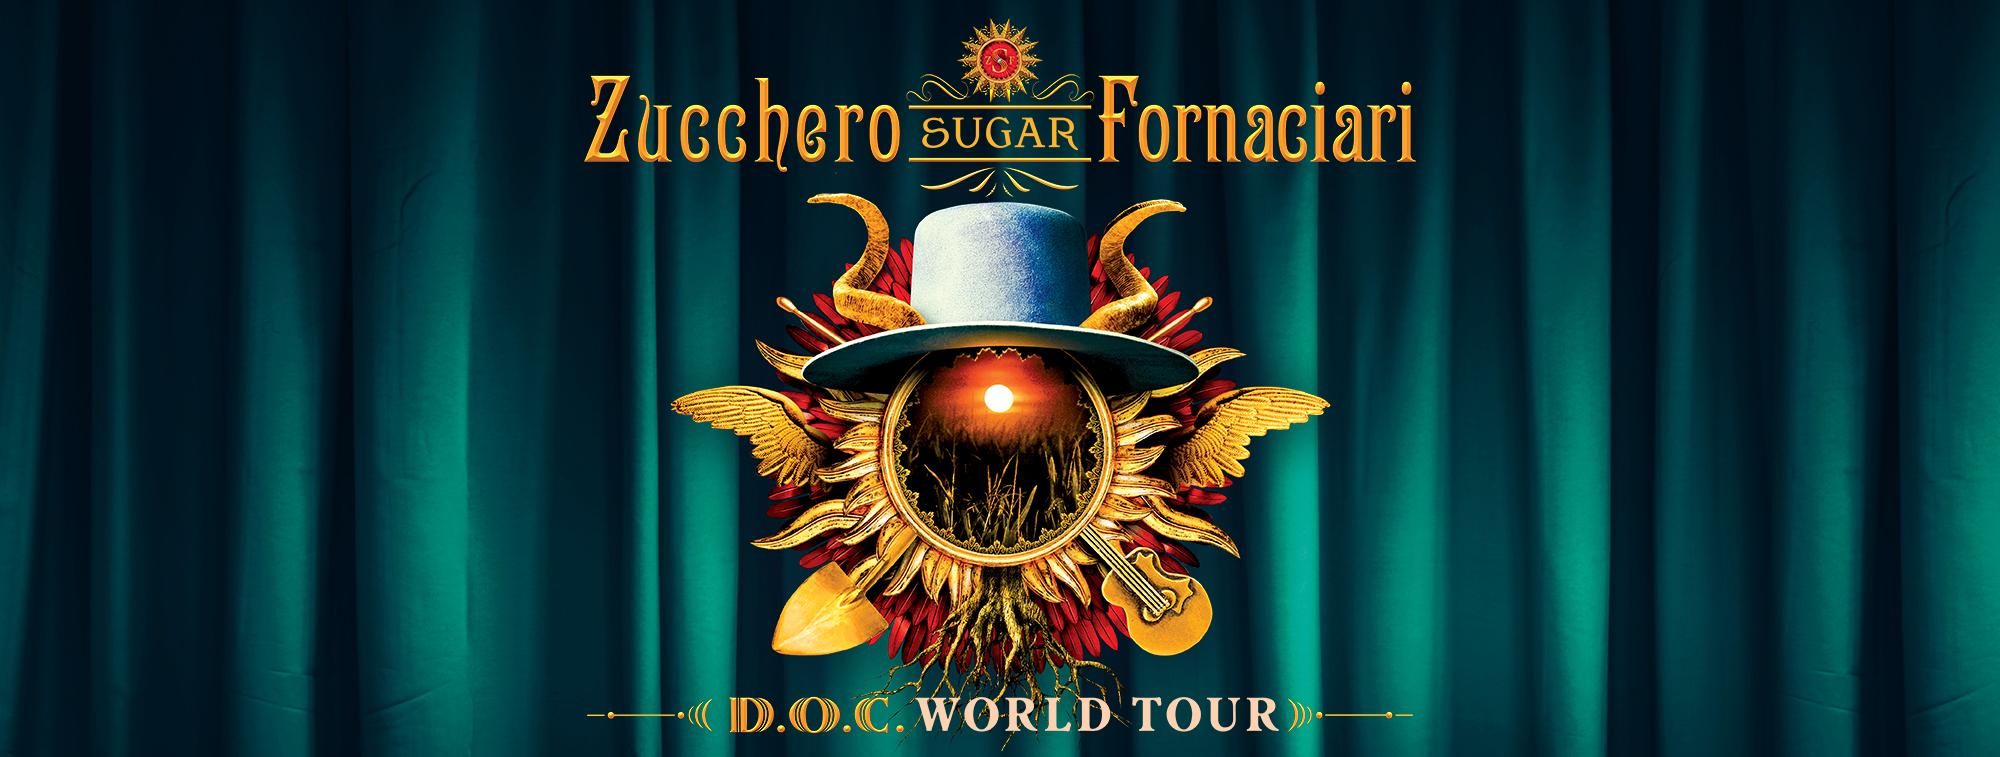 Calendrier World Tour 2020.Zucchero Sugar Fornaciari Sito Ufficiale